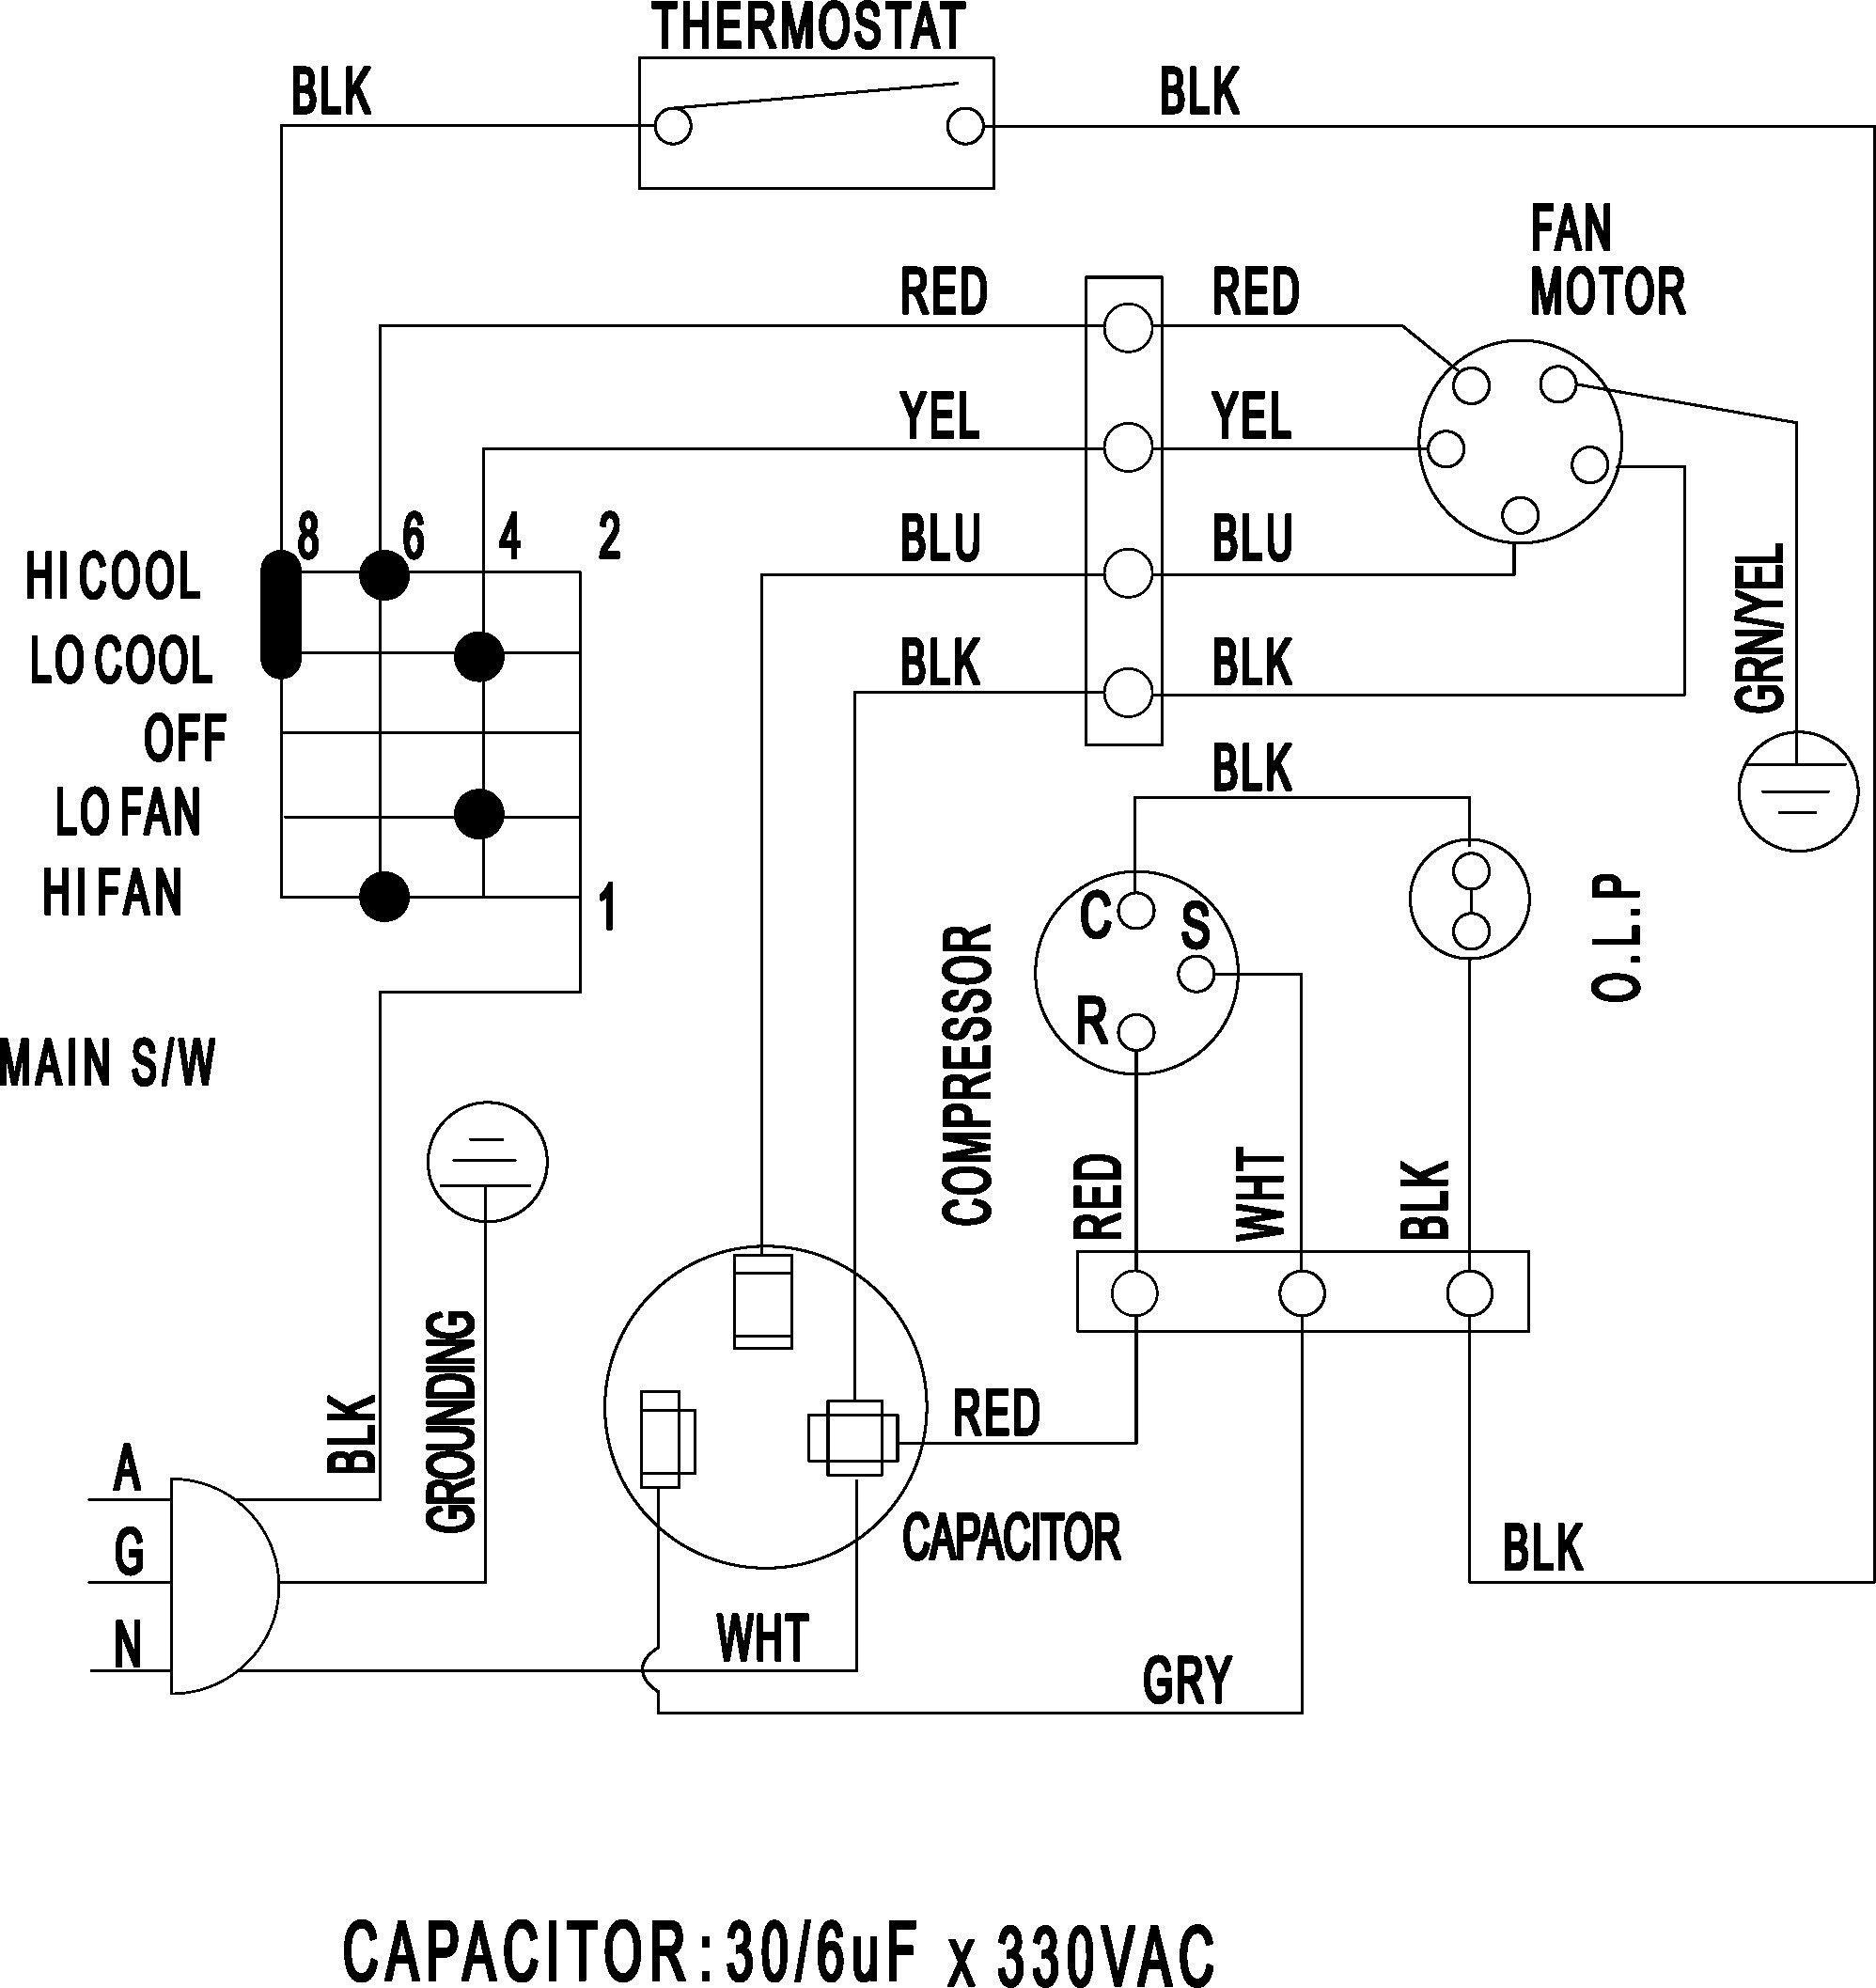 New Audi A4 Air Conditioning Wiring Diagram #diagram #diagramtemplate #d… |  Refrigeracion y aire acondicionado, Diagrama de circuito eléctrico,  Diagrama de circuitoPinterest